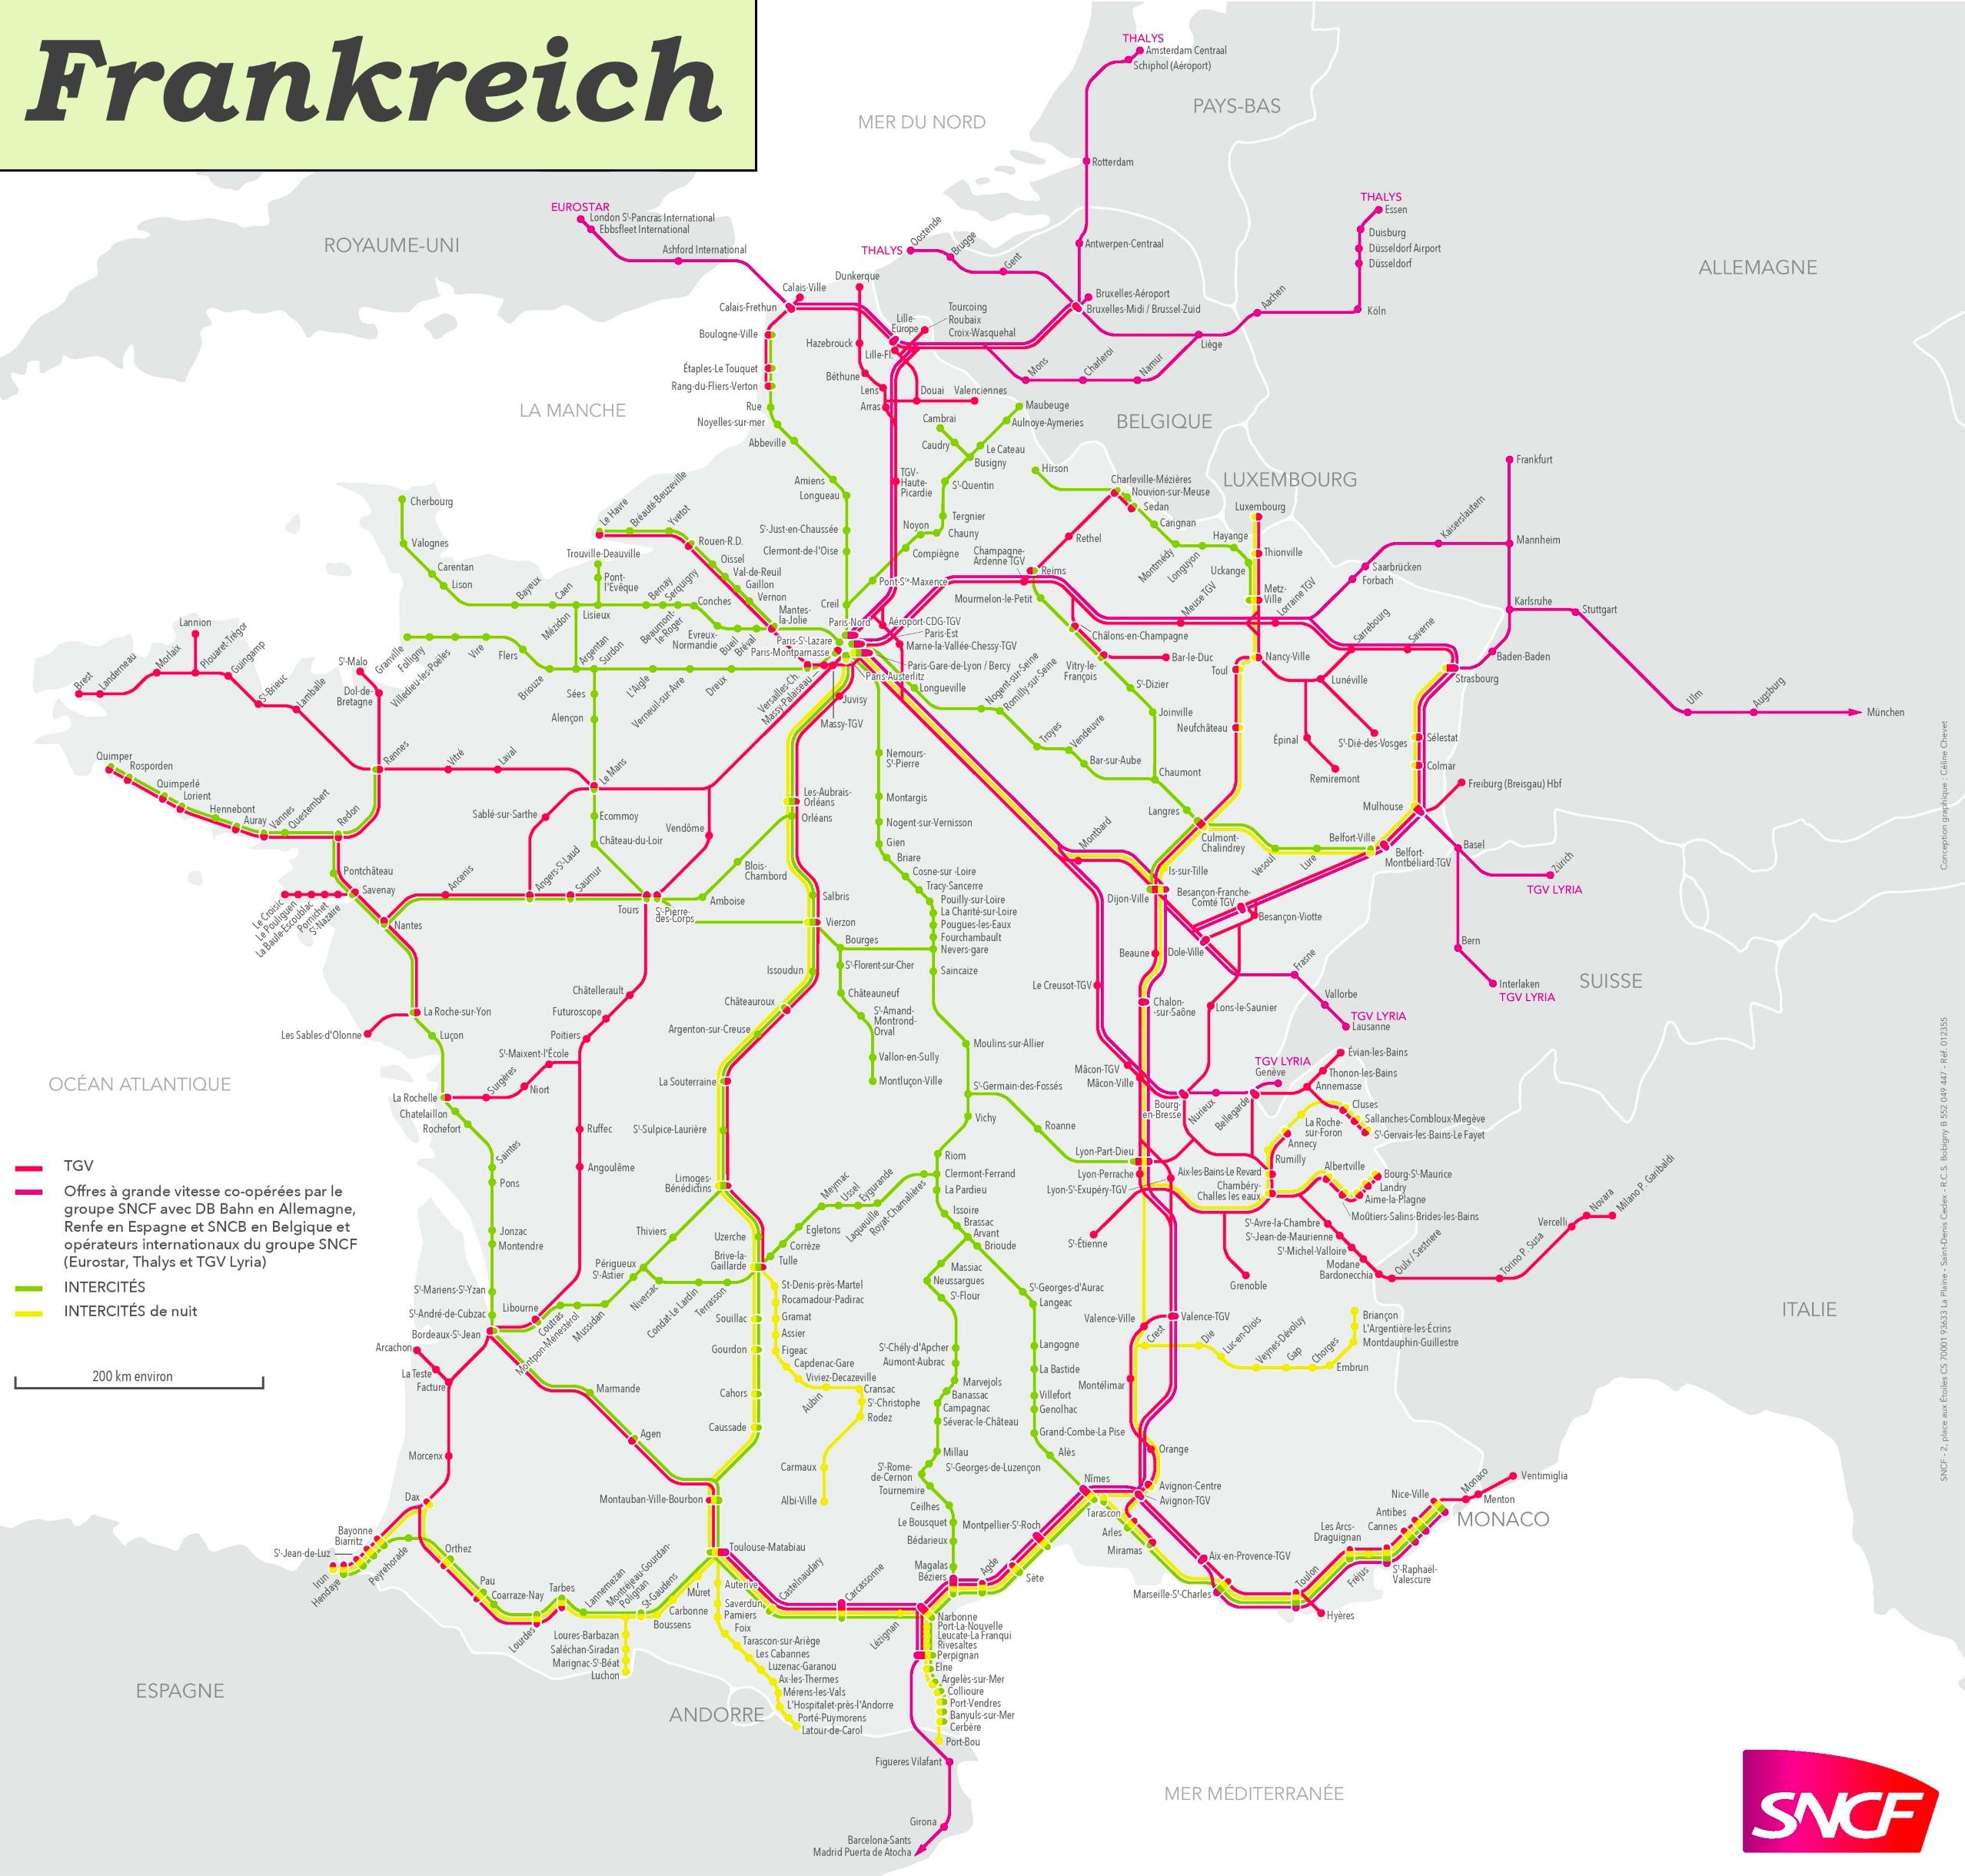 Nordfrankreich Karte.Schienennetz Karte Von Frankreich